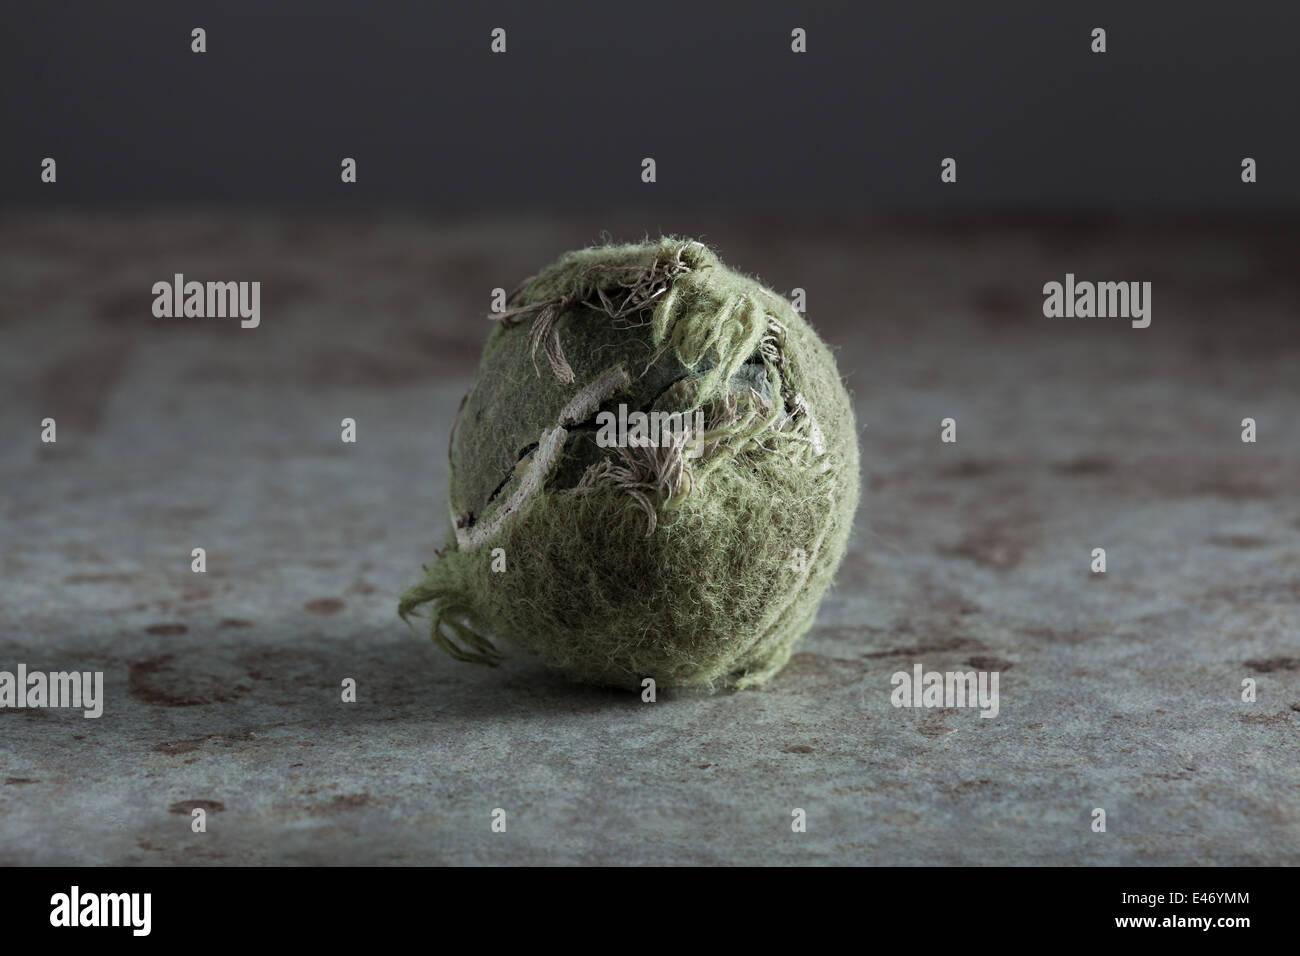 Gebrochene Tennisball auf Grunge-Oberfläche Stockbild